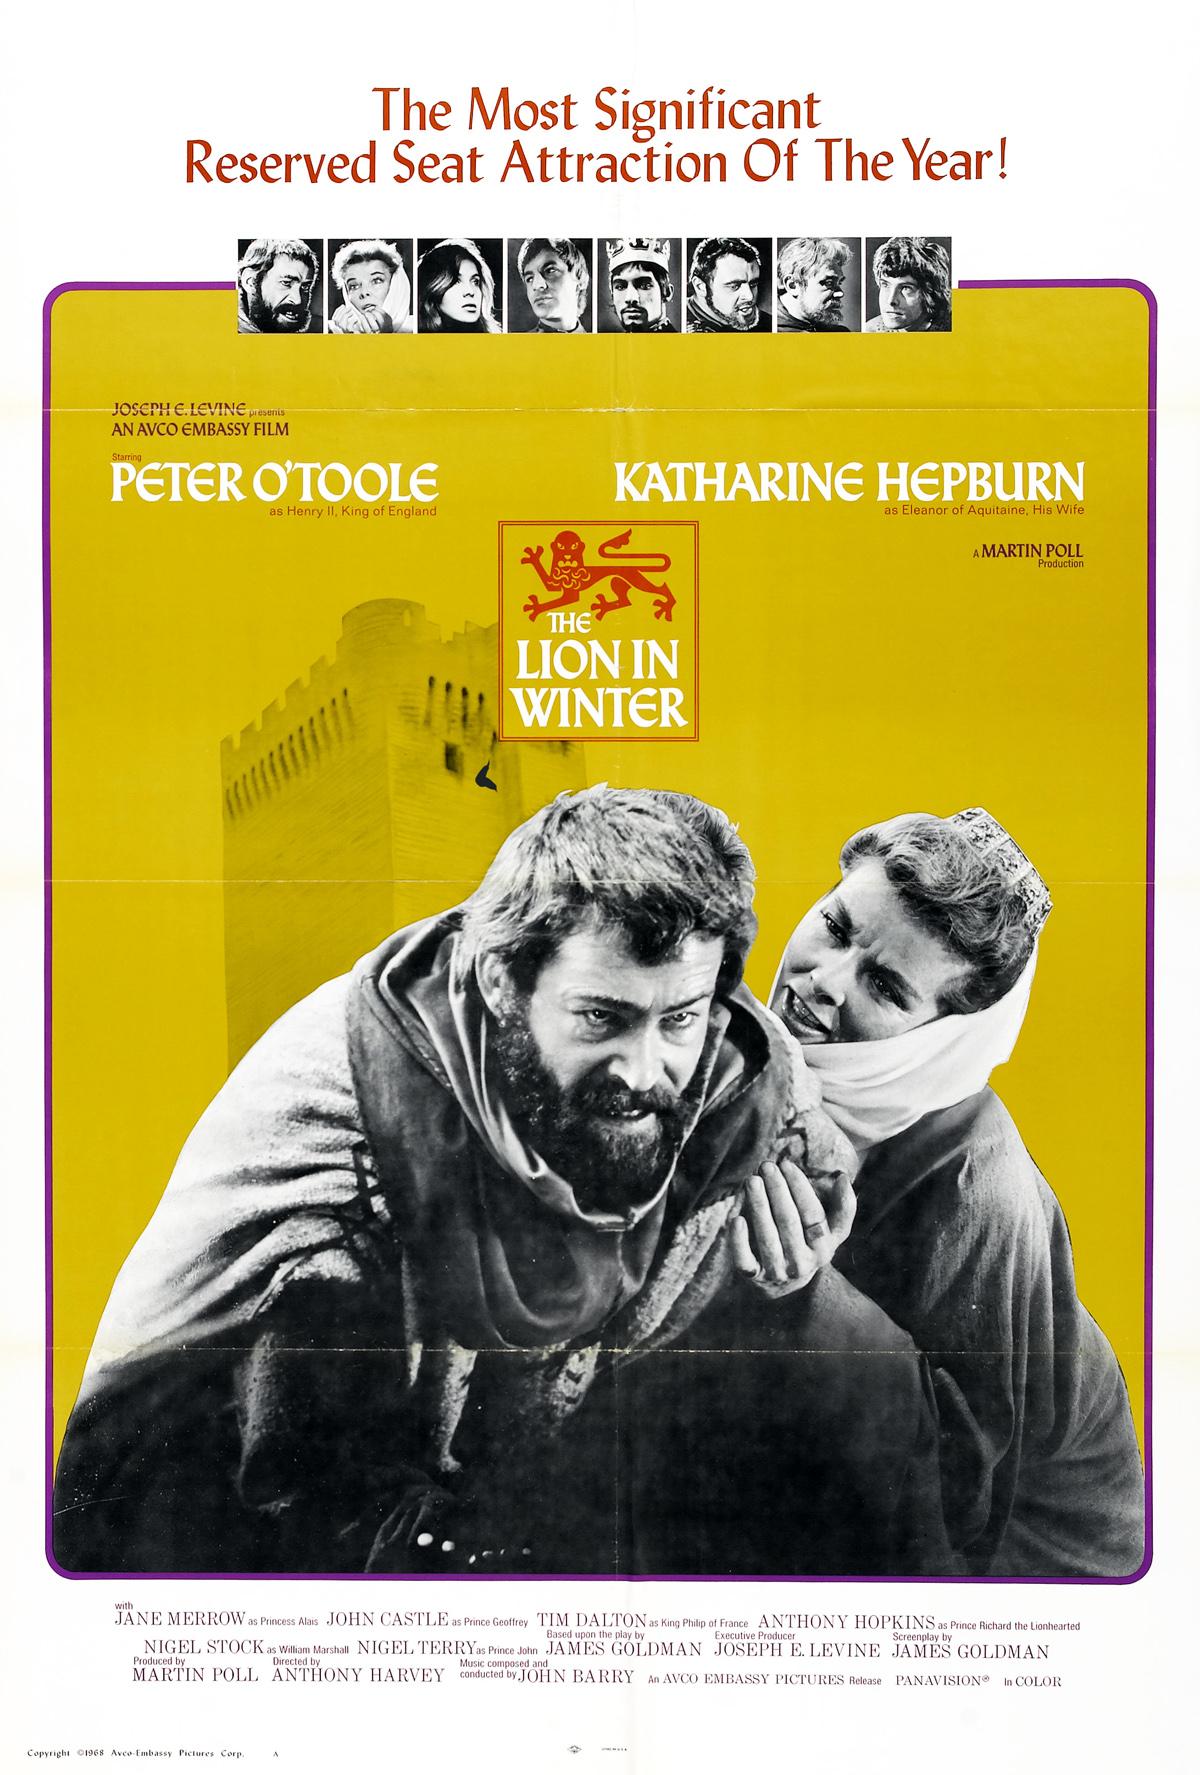 دانلود فیلم شیر در زمستان The Lion in Winter دوبله فارسی با لینک مستقیم